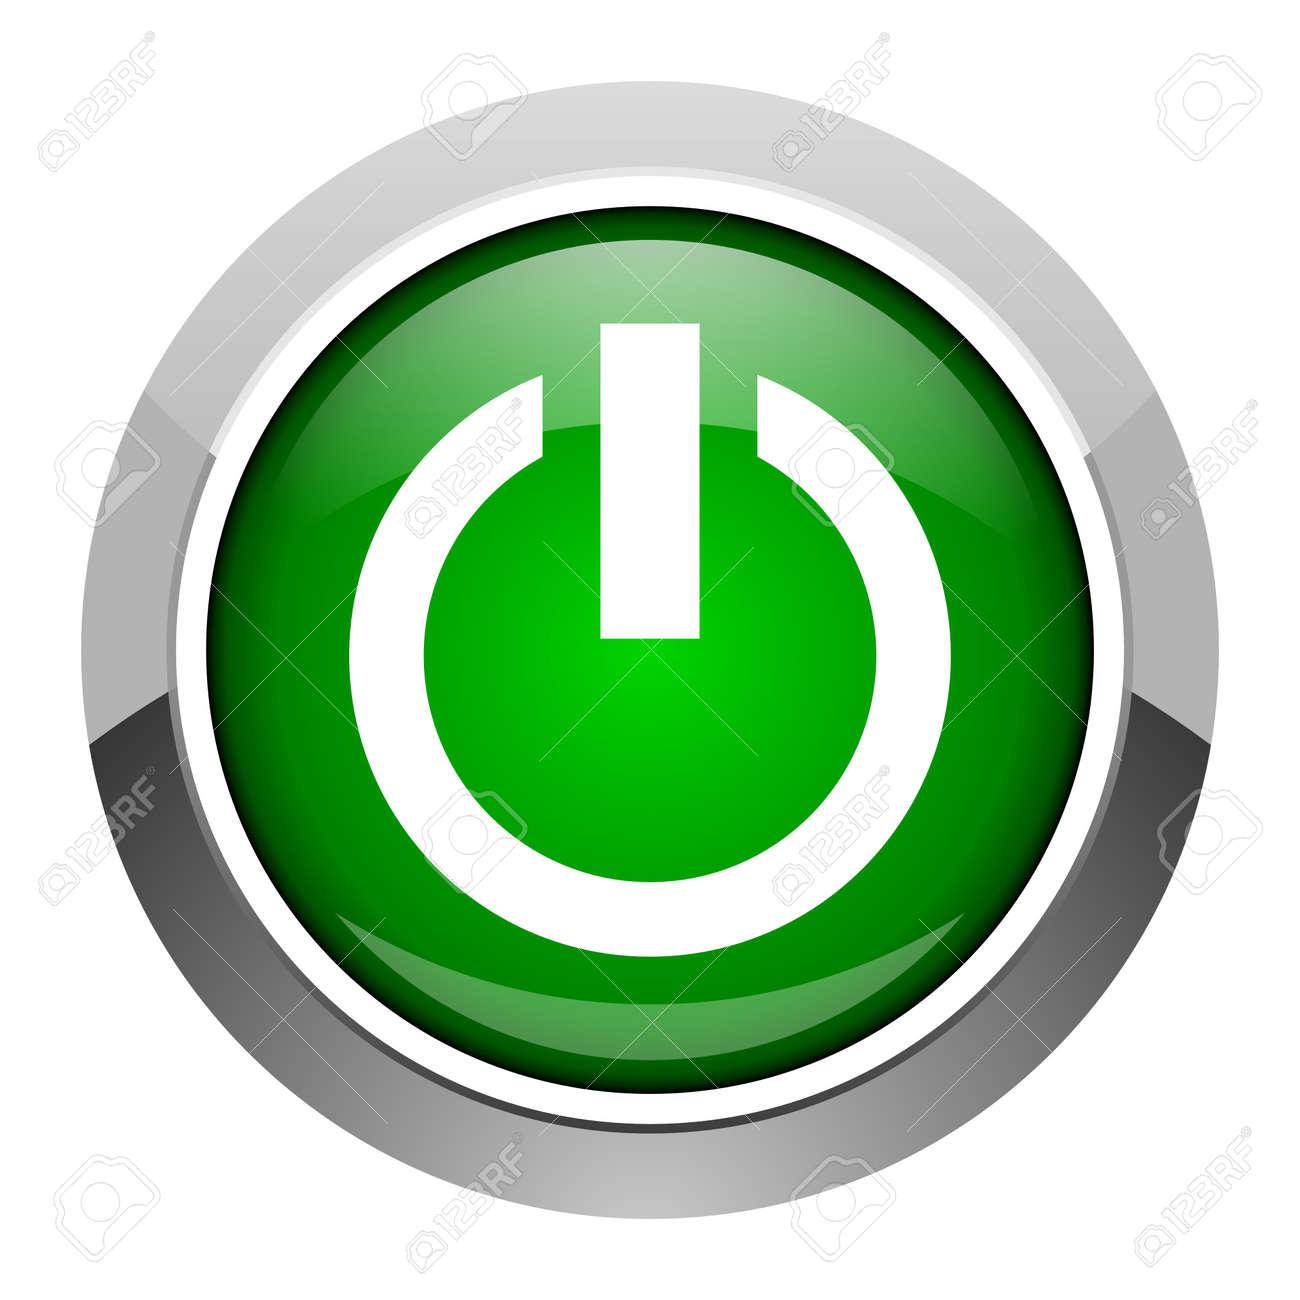 power icon Stock Photo - 20546705